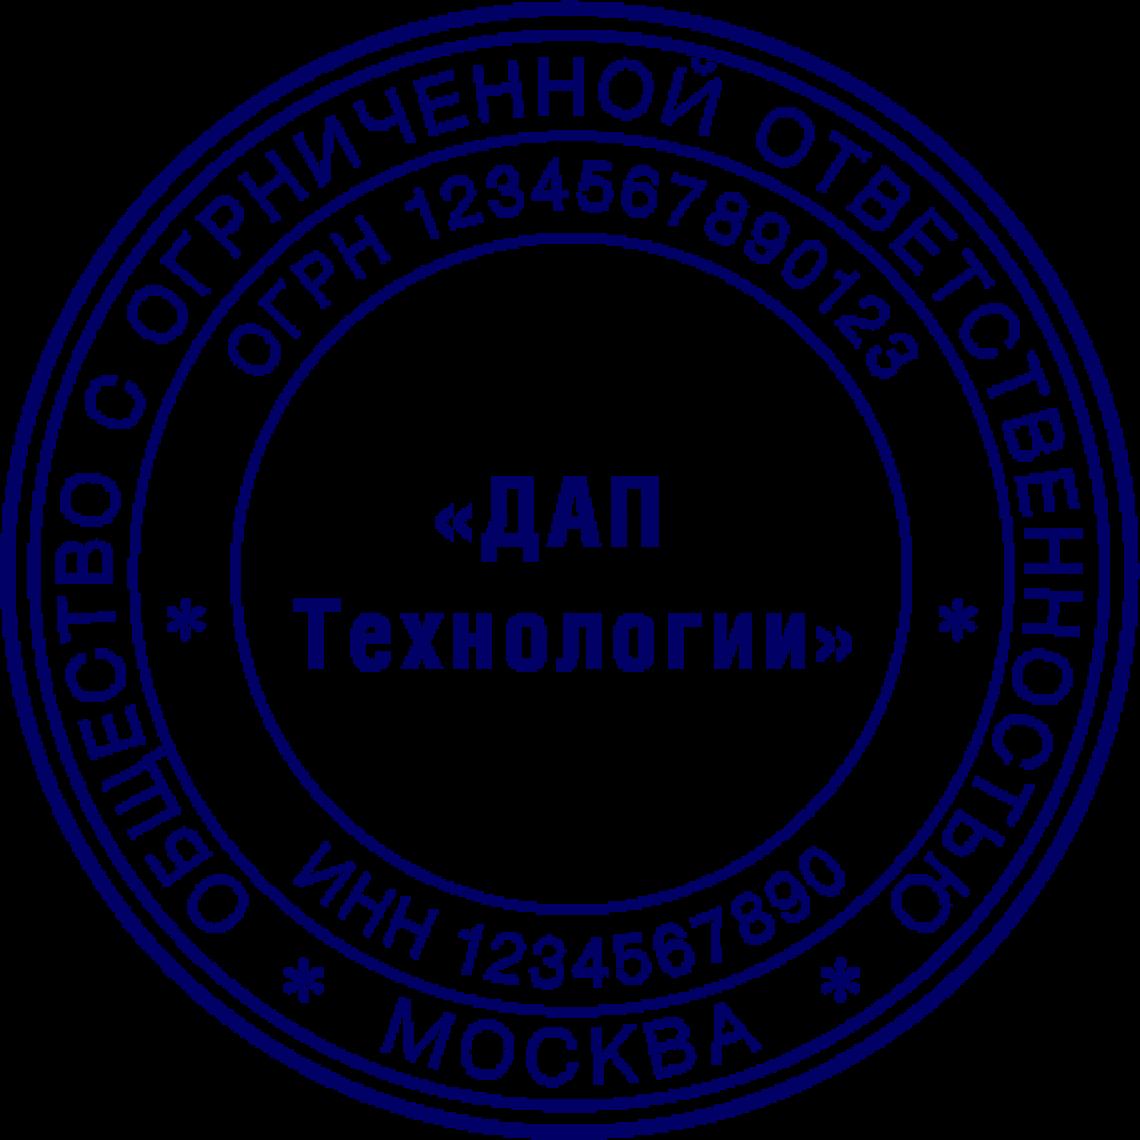 ООО-11